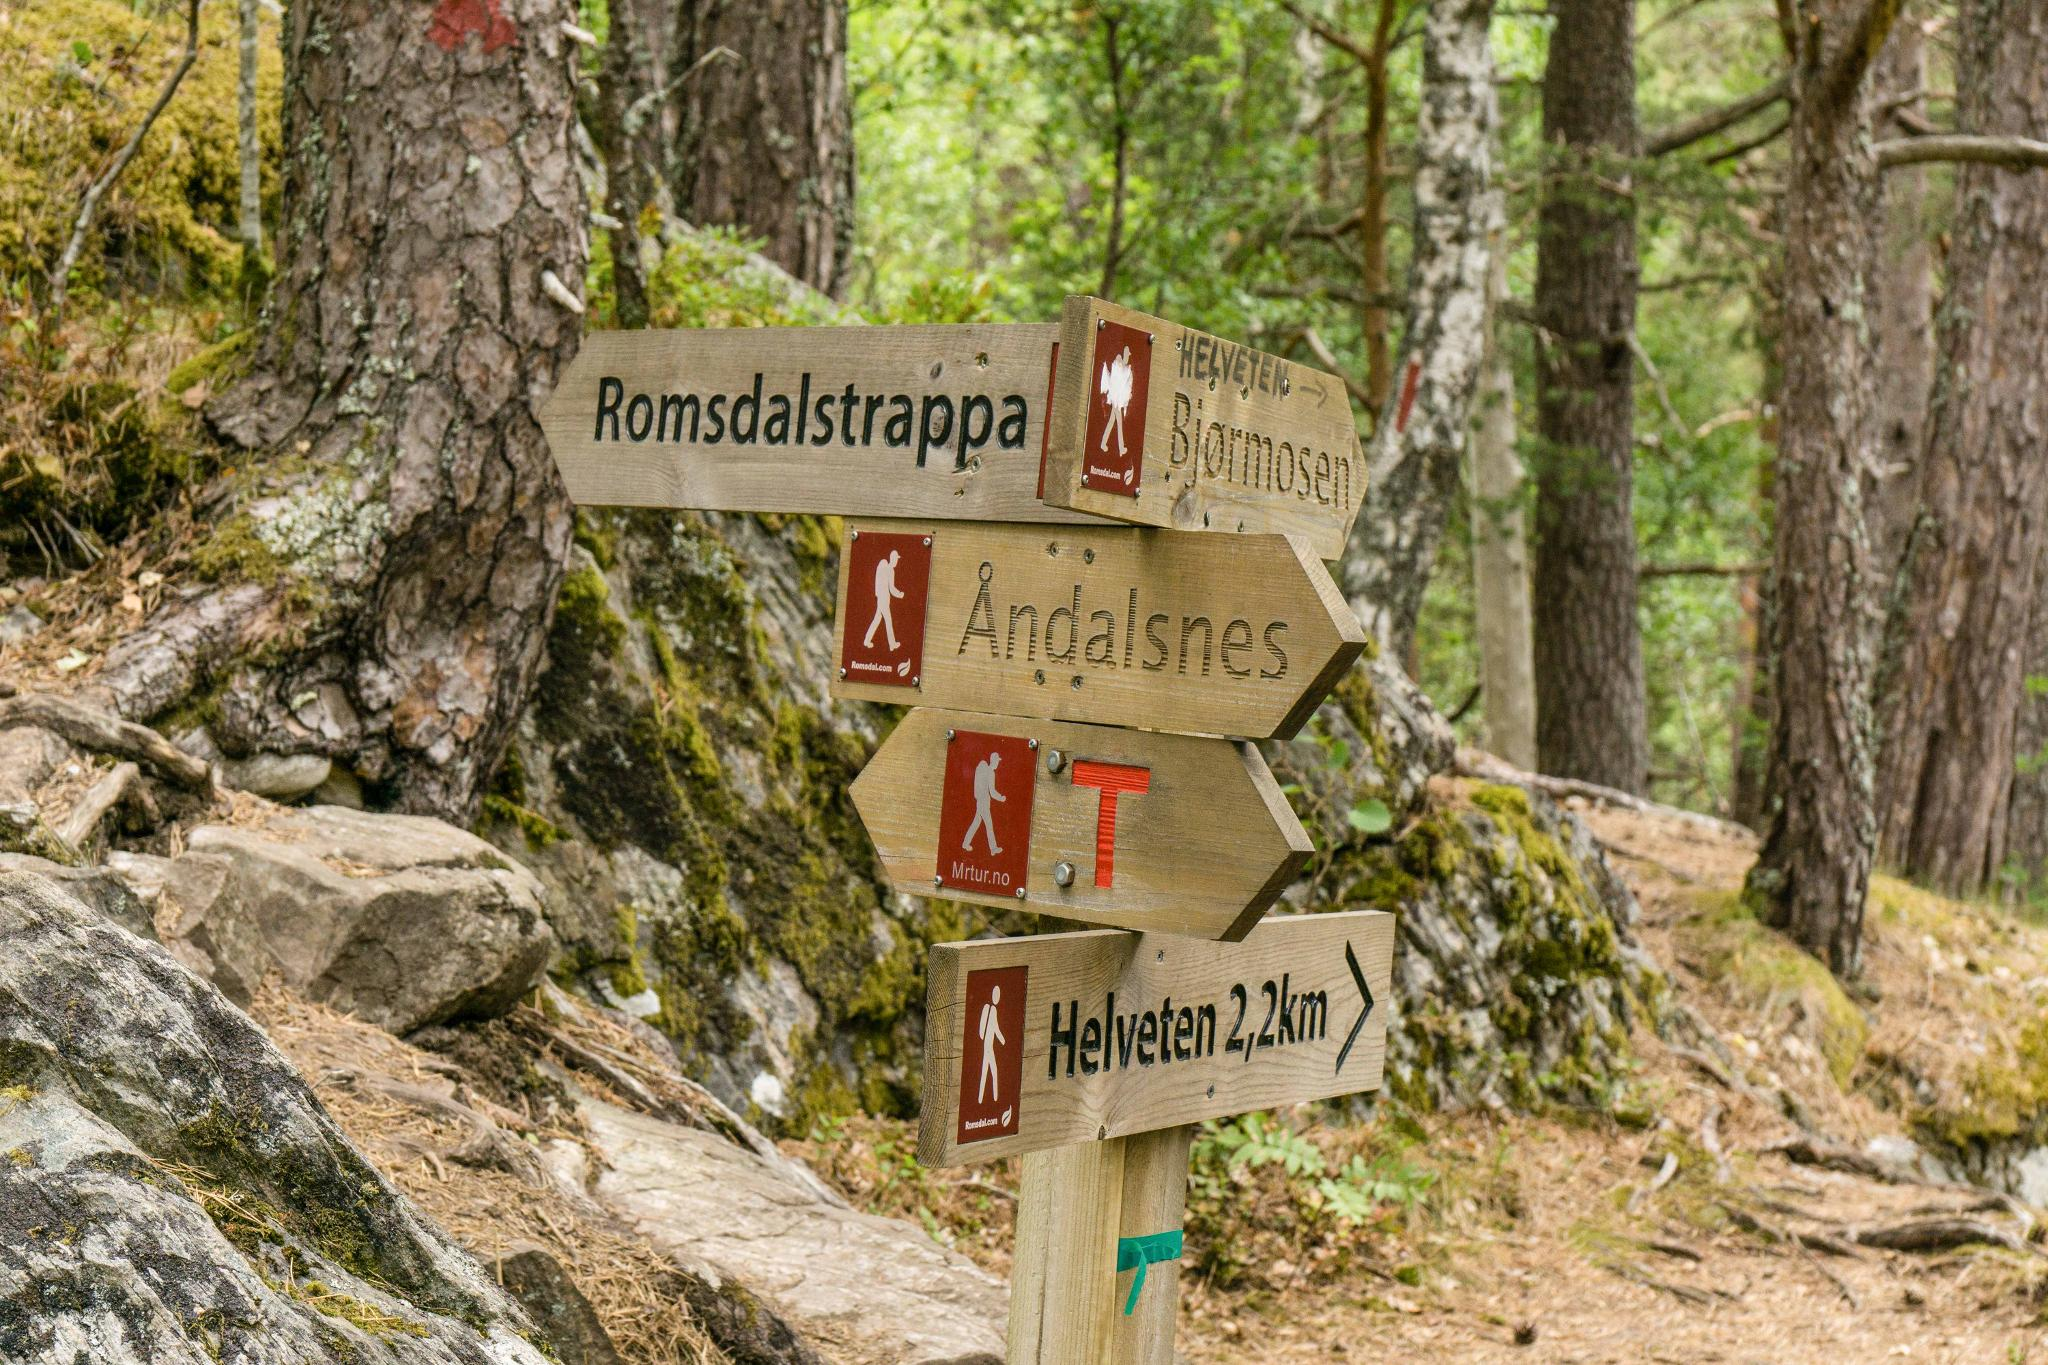 【北歐景點】峽灣區起點Åndalsnes健行 - 鳥瞰峽灣全景的Rampestreken觀景台 12